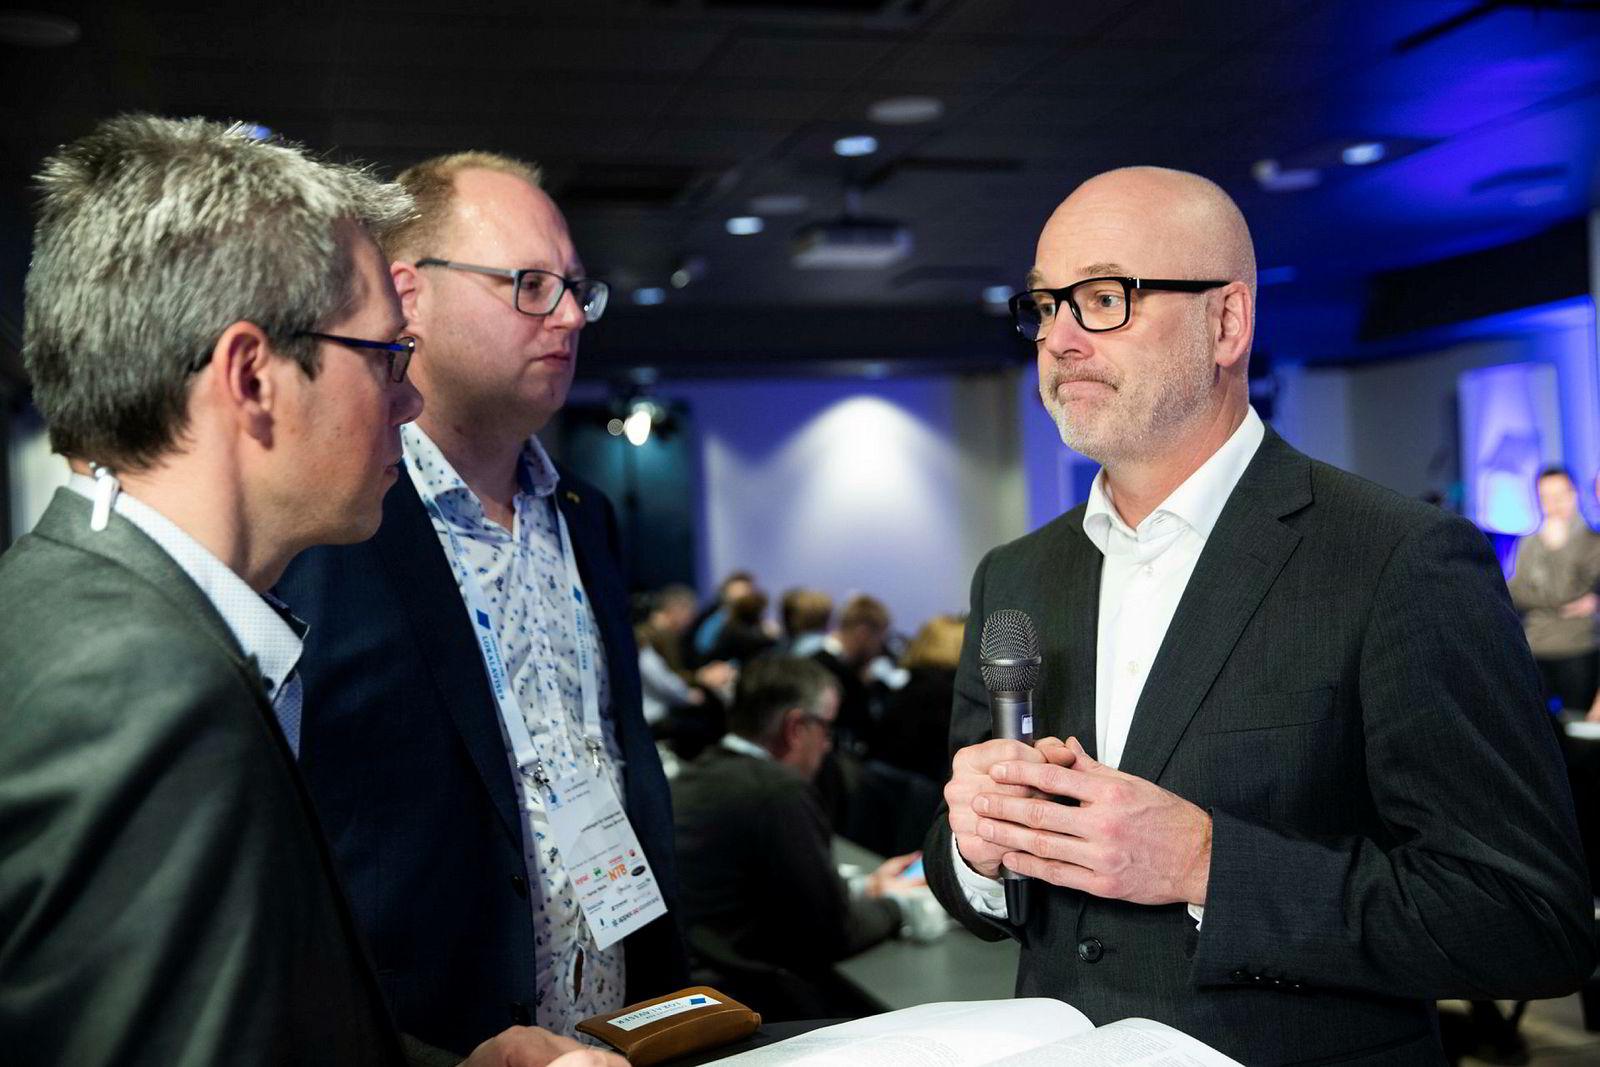 NRK-sjef Thor Gjermund Eriksen (t.h.) blir intervjuet på Landslaget for lokalaviser (LLA) sitt landsmøte i Drammen fredag. Styreleder Thomas Bruvik (midten) i LLA følger med.